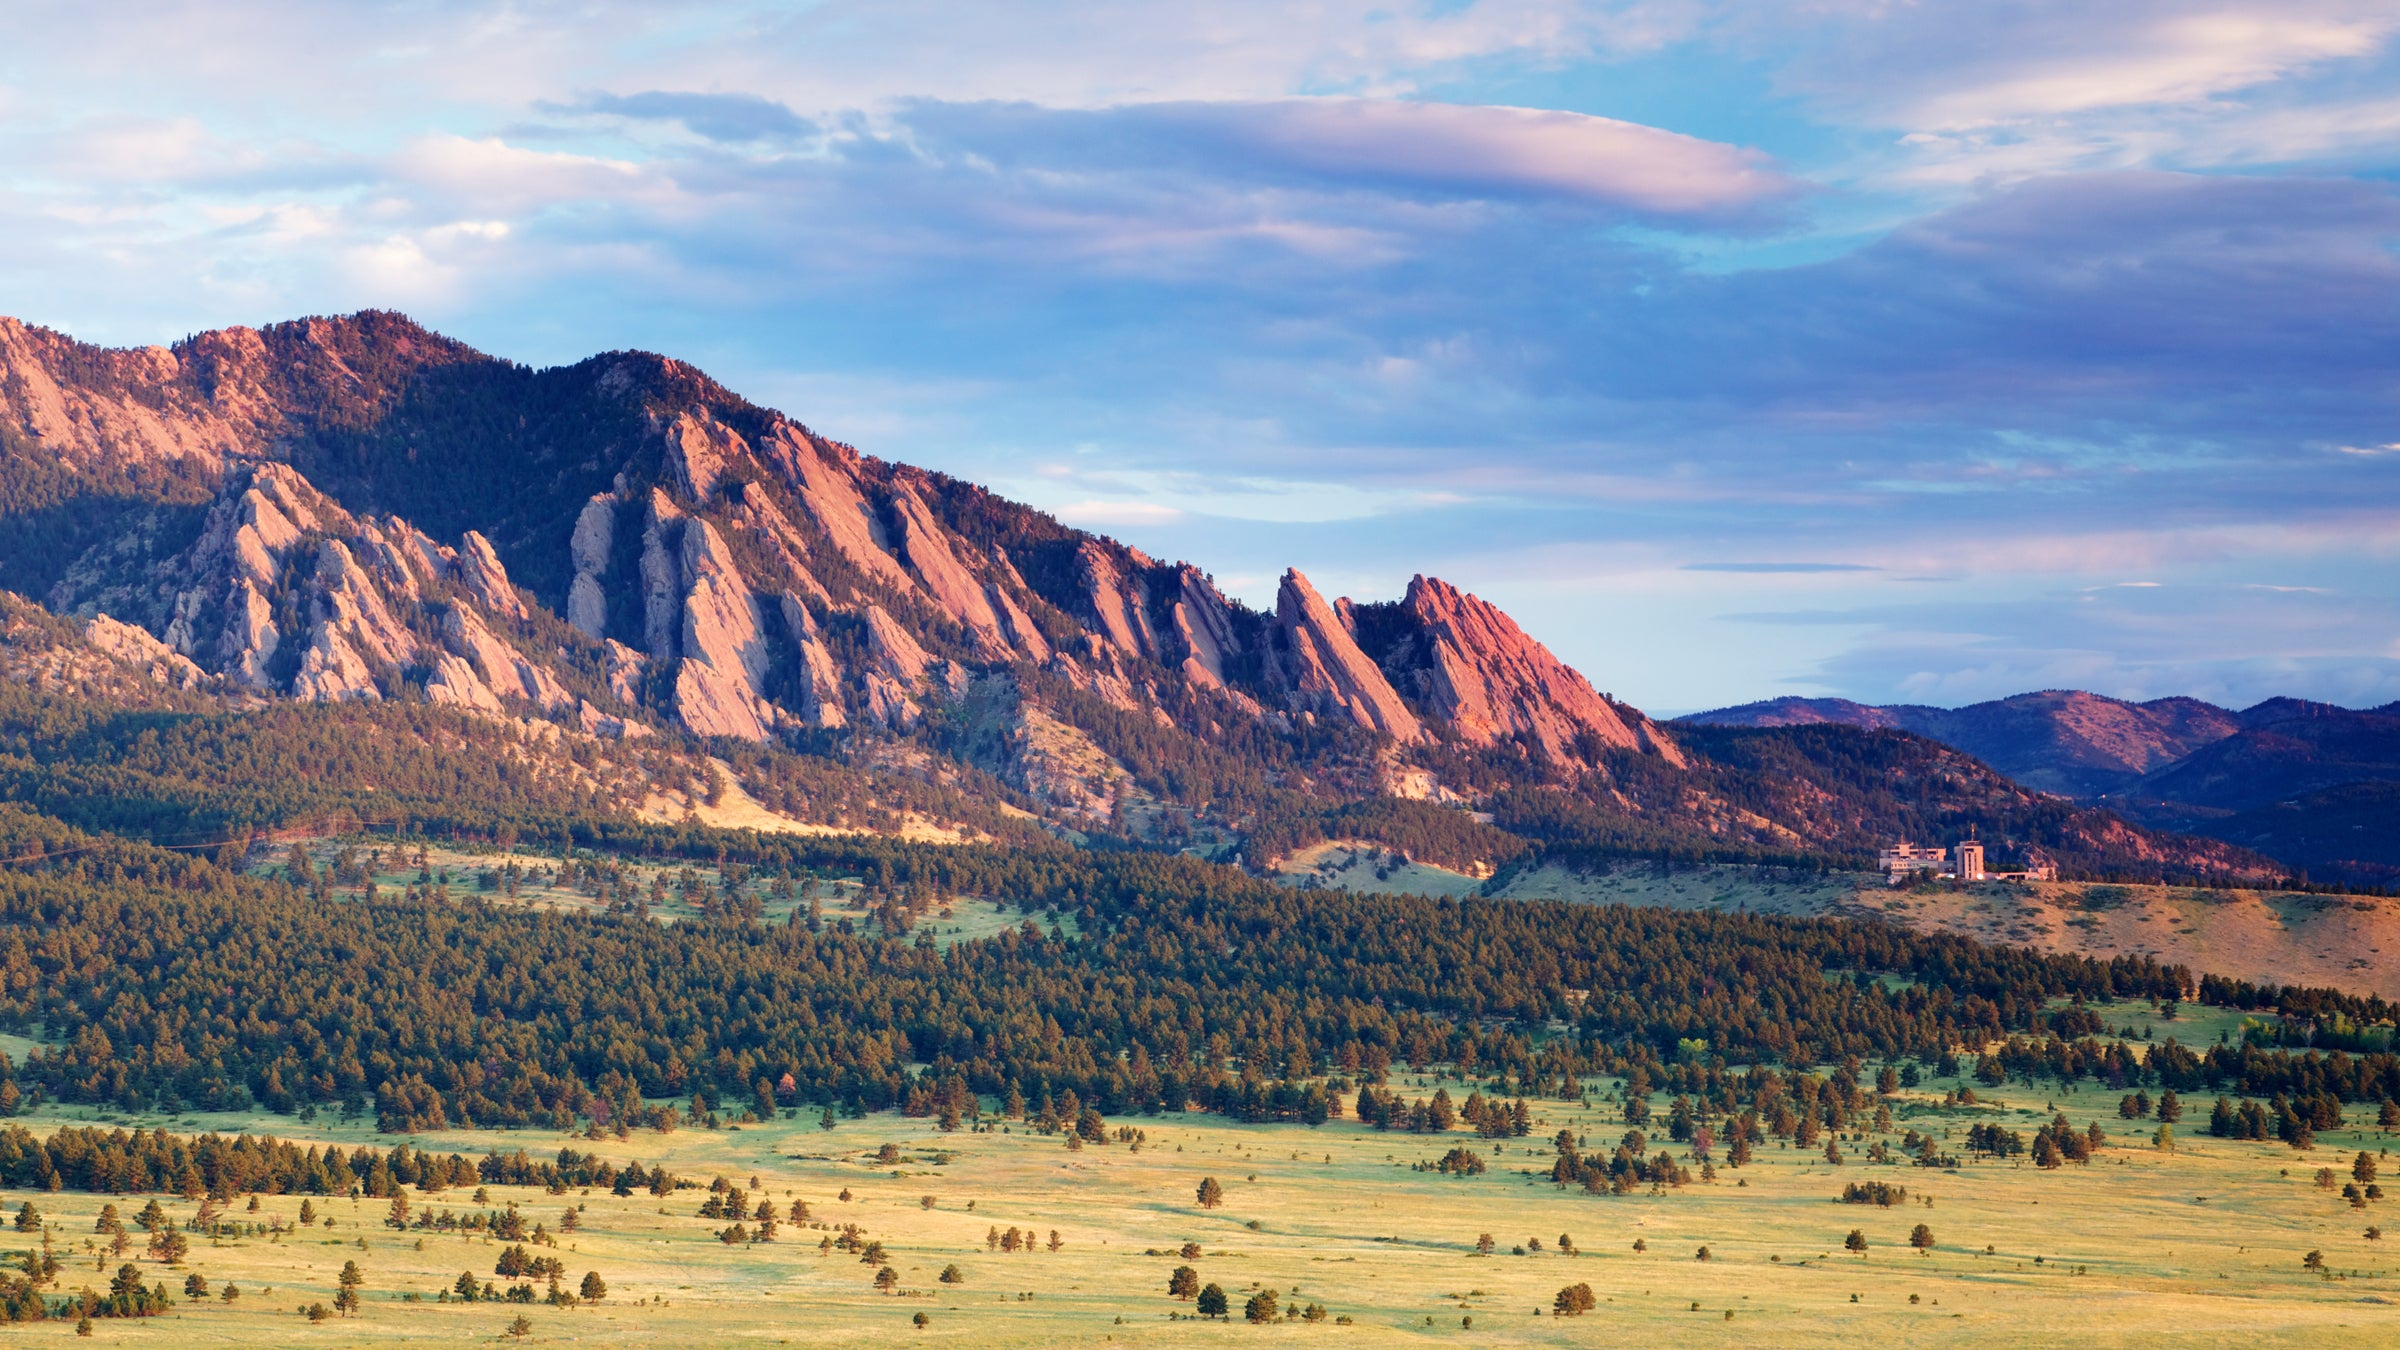 Boulder's favorite symbol—the Flatirons.